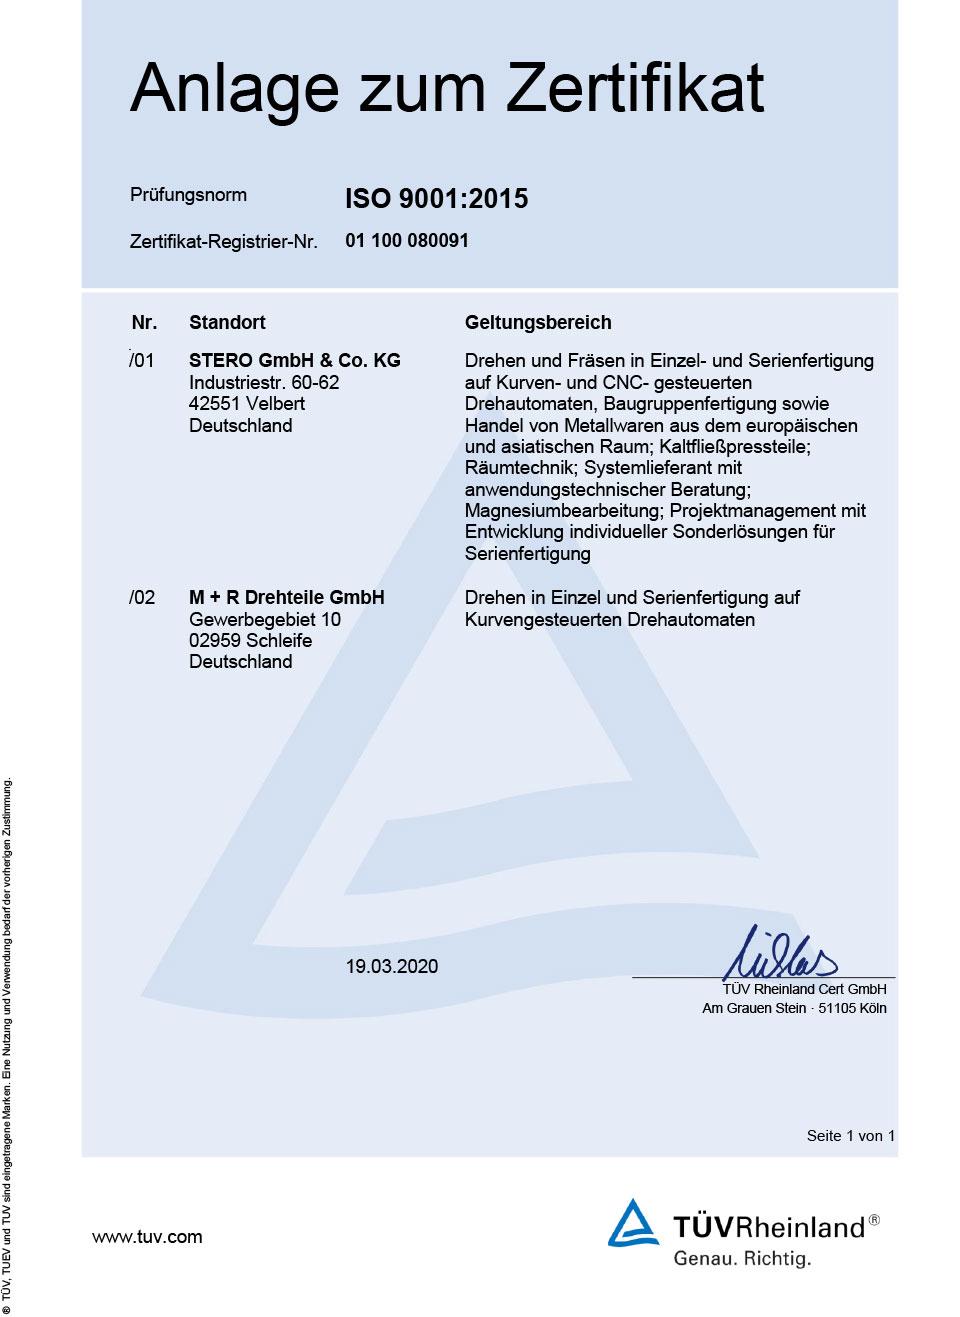 Zertifikat Anlage